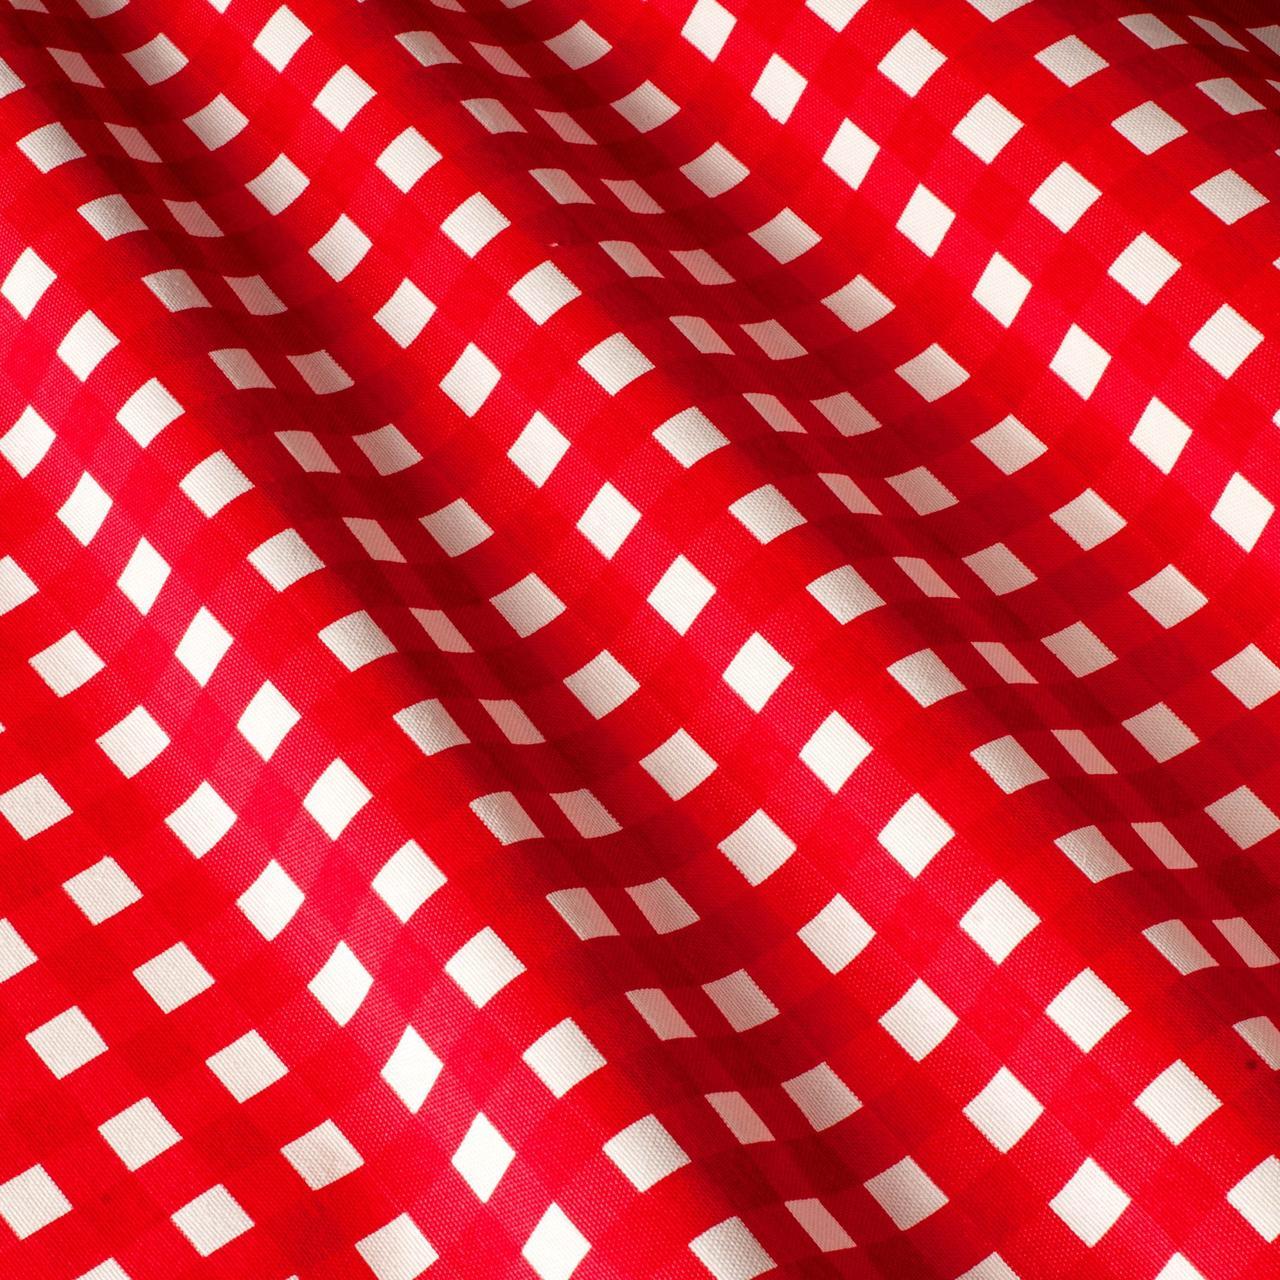 Ткань для штор и скатертей Teflon 030471 v23